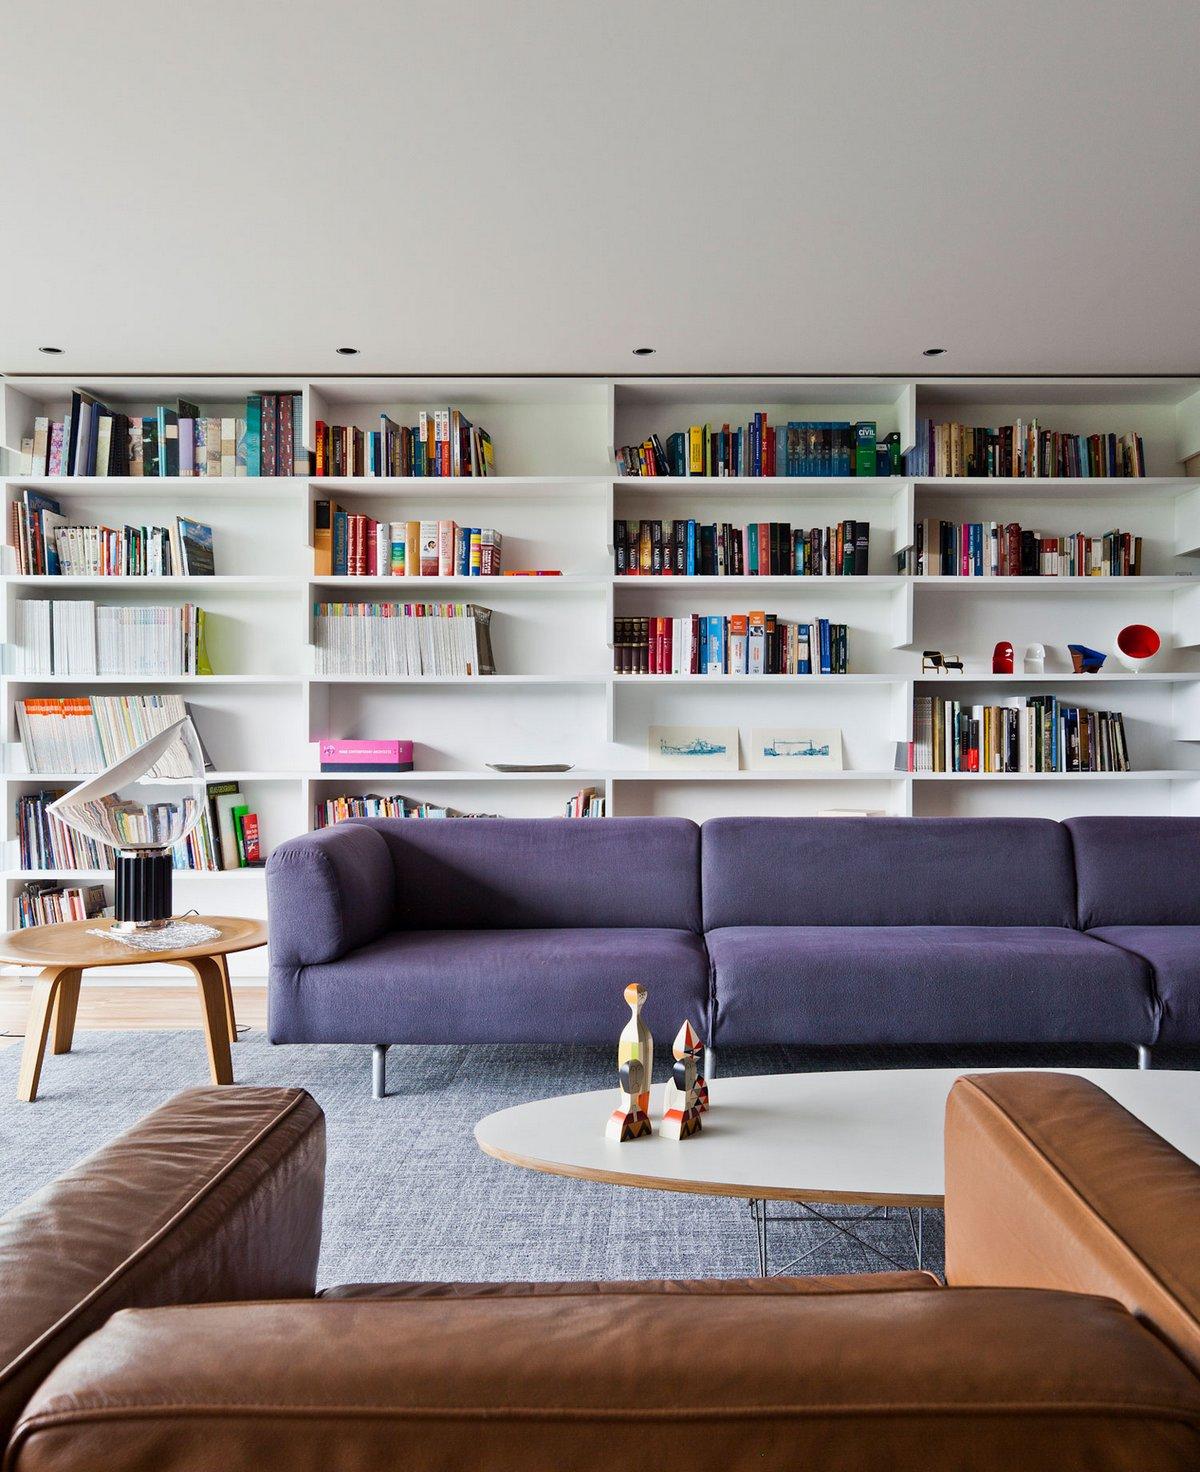 Gravata Apartment, Couto Arquitetura, Paulista Modern Architecture, Marcelo Couto, современный интерьер квартиры фото, идеи дизайна интерьера фото